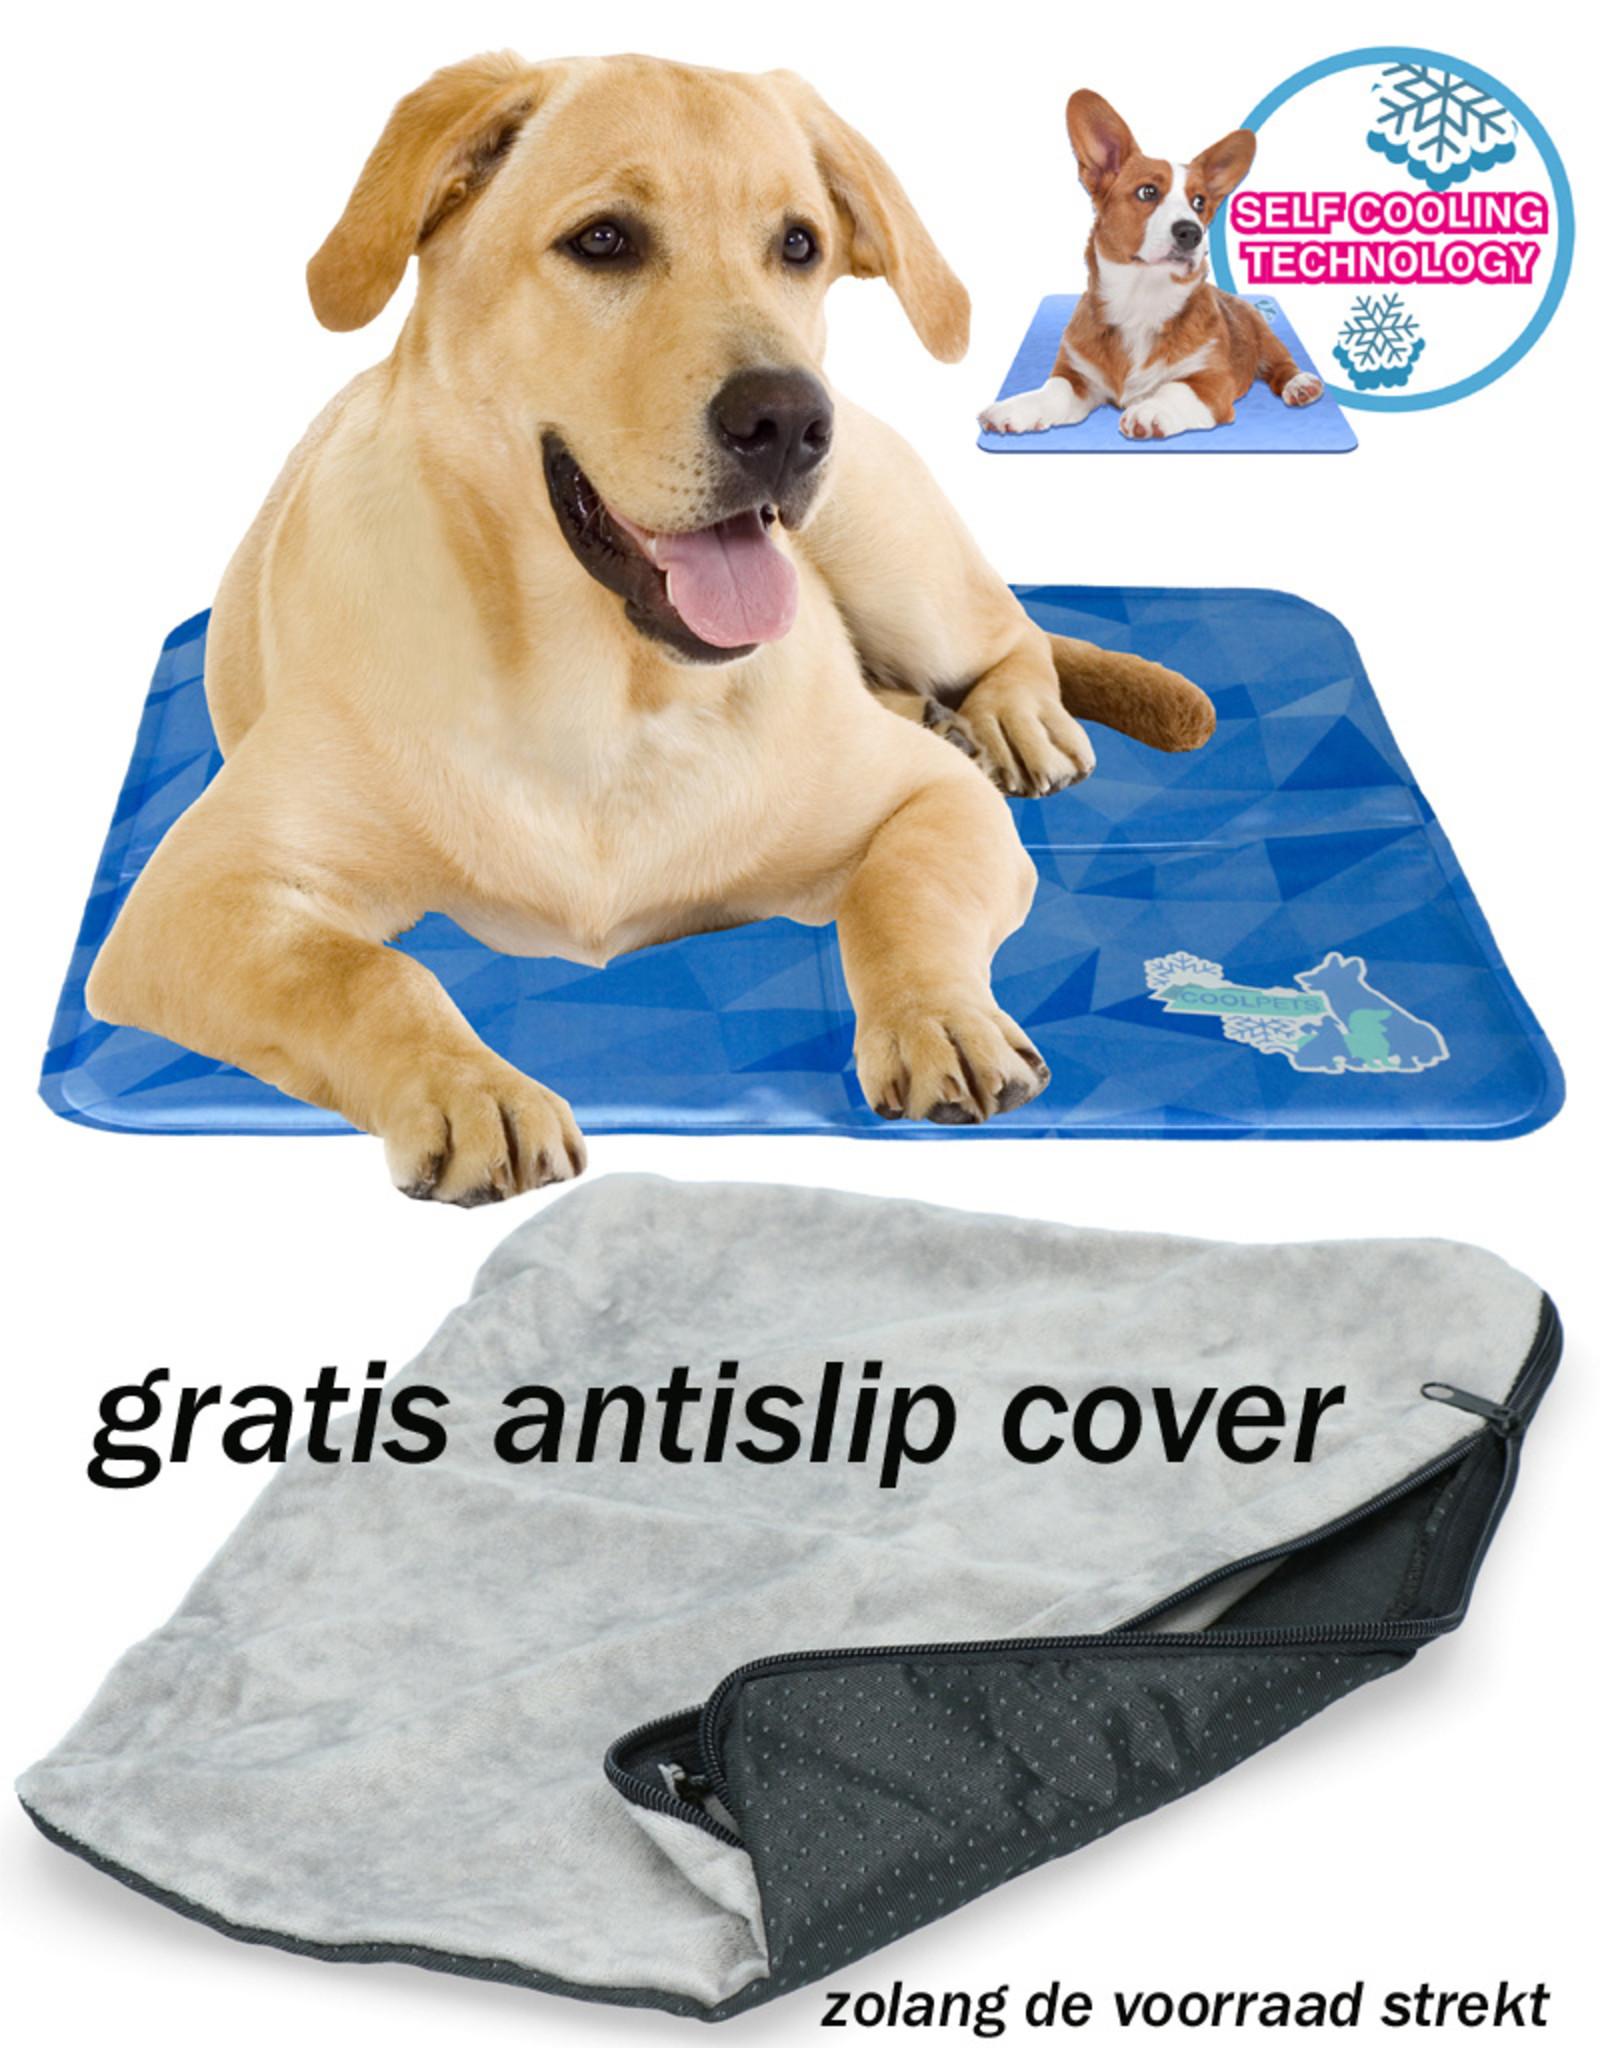 Korting op adviesprijs en gratis anti-slip cover! Zolang de voorraad strekt.